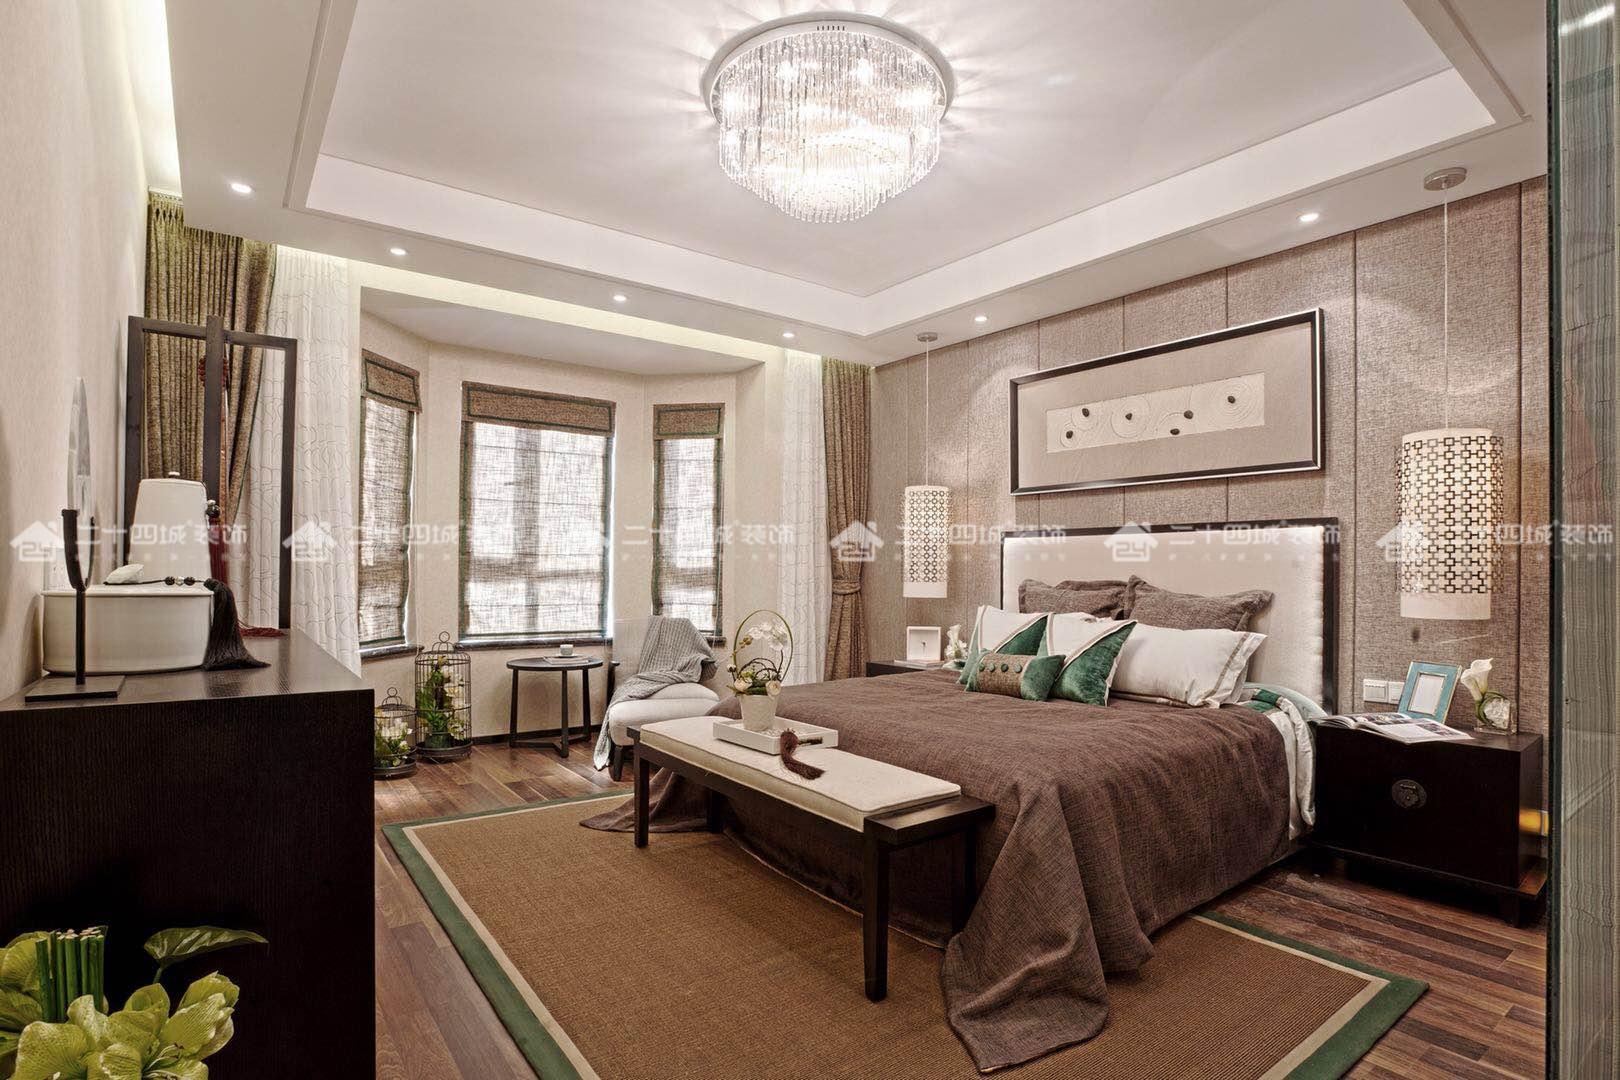 混搭 收纳 80后 高富帅 白富美 梦想家 未来家 中式 欧式 卧室图片来自二十四城装饰(集团)昆明公司在华夏御府 混搭风的分享